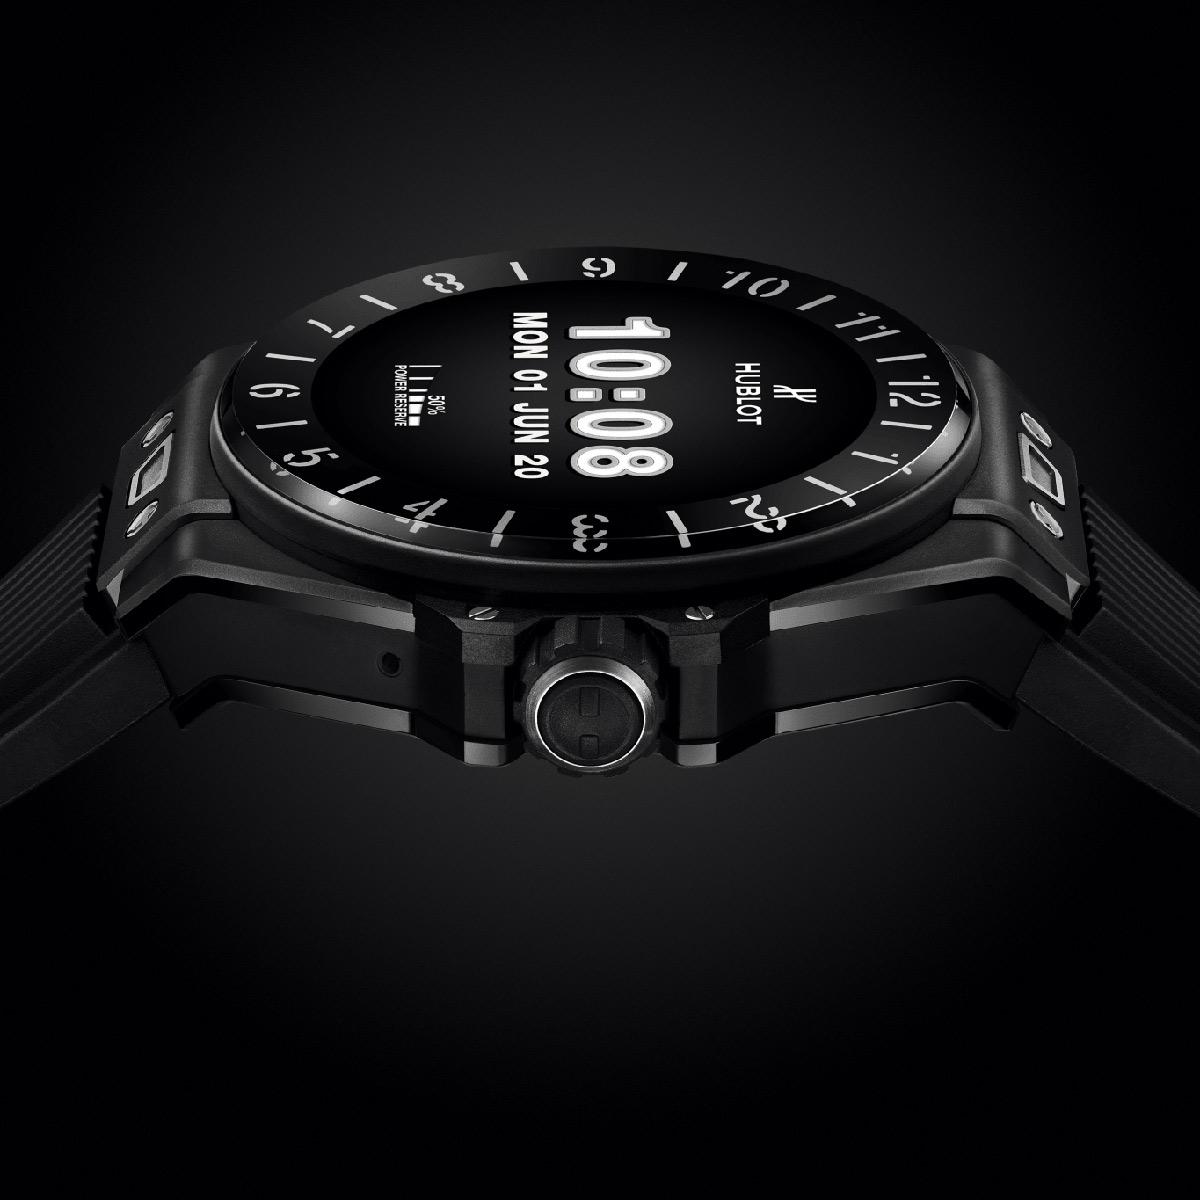 高級腕時計のウブロから新作スマートウォッチ登場。お値段約60万円